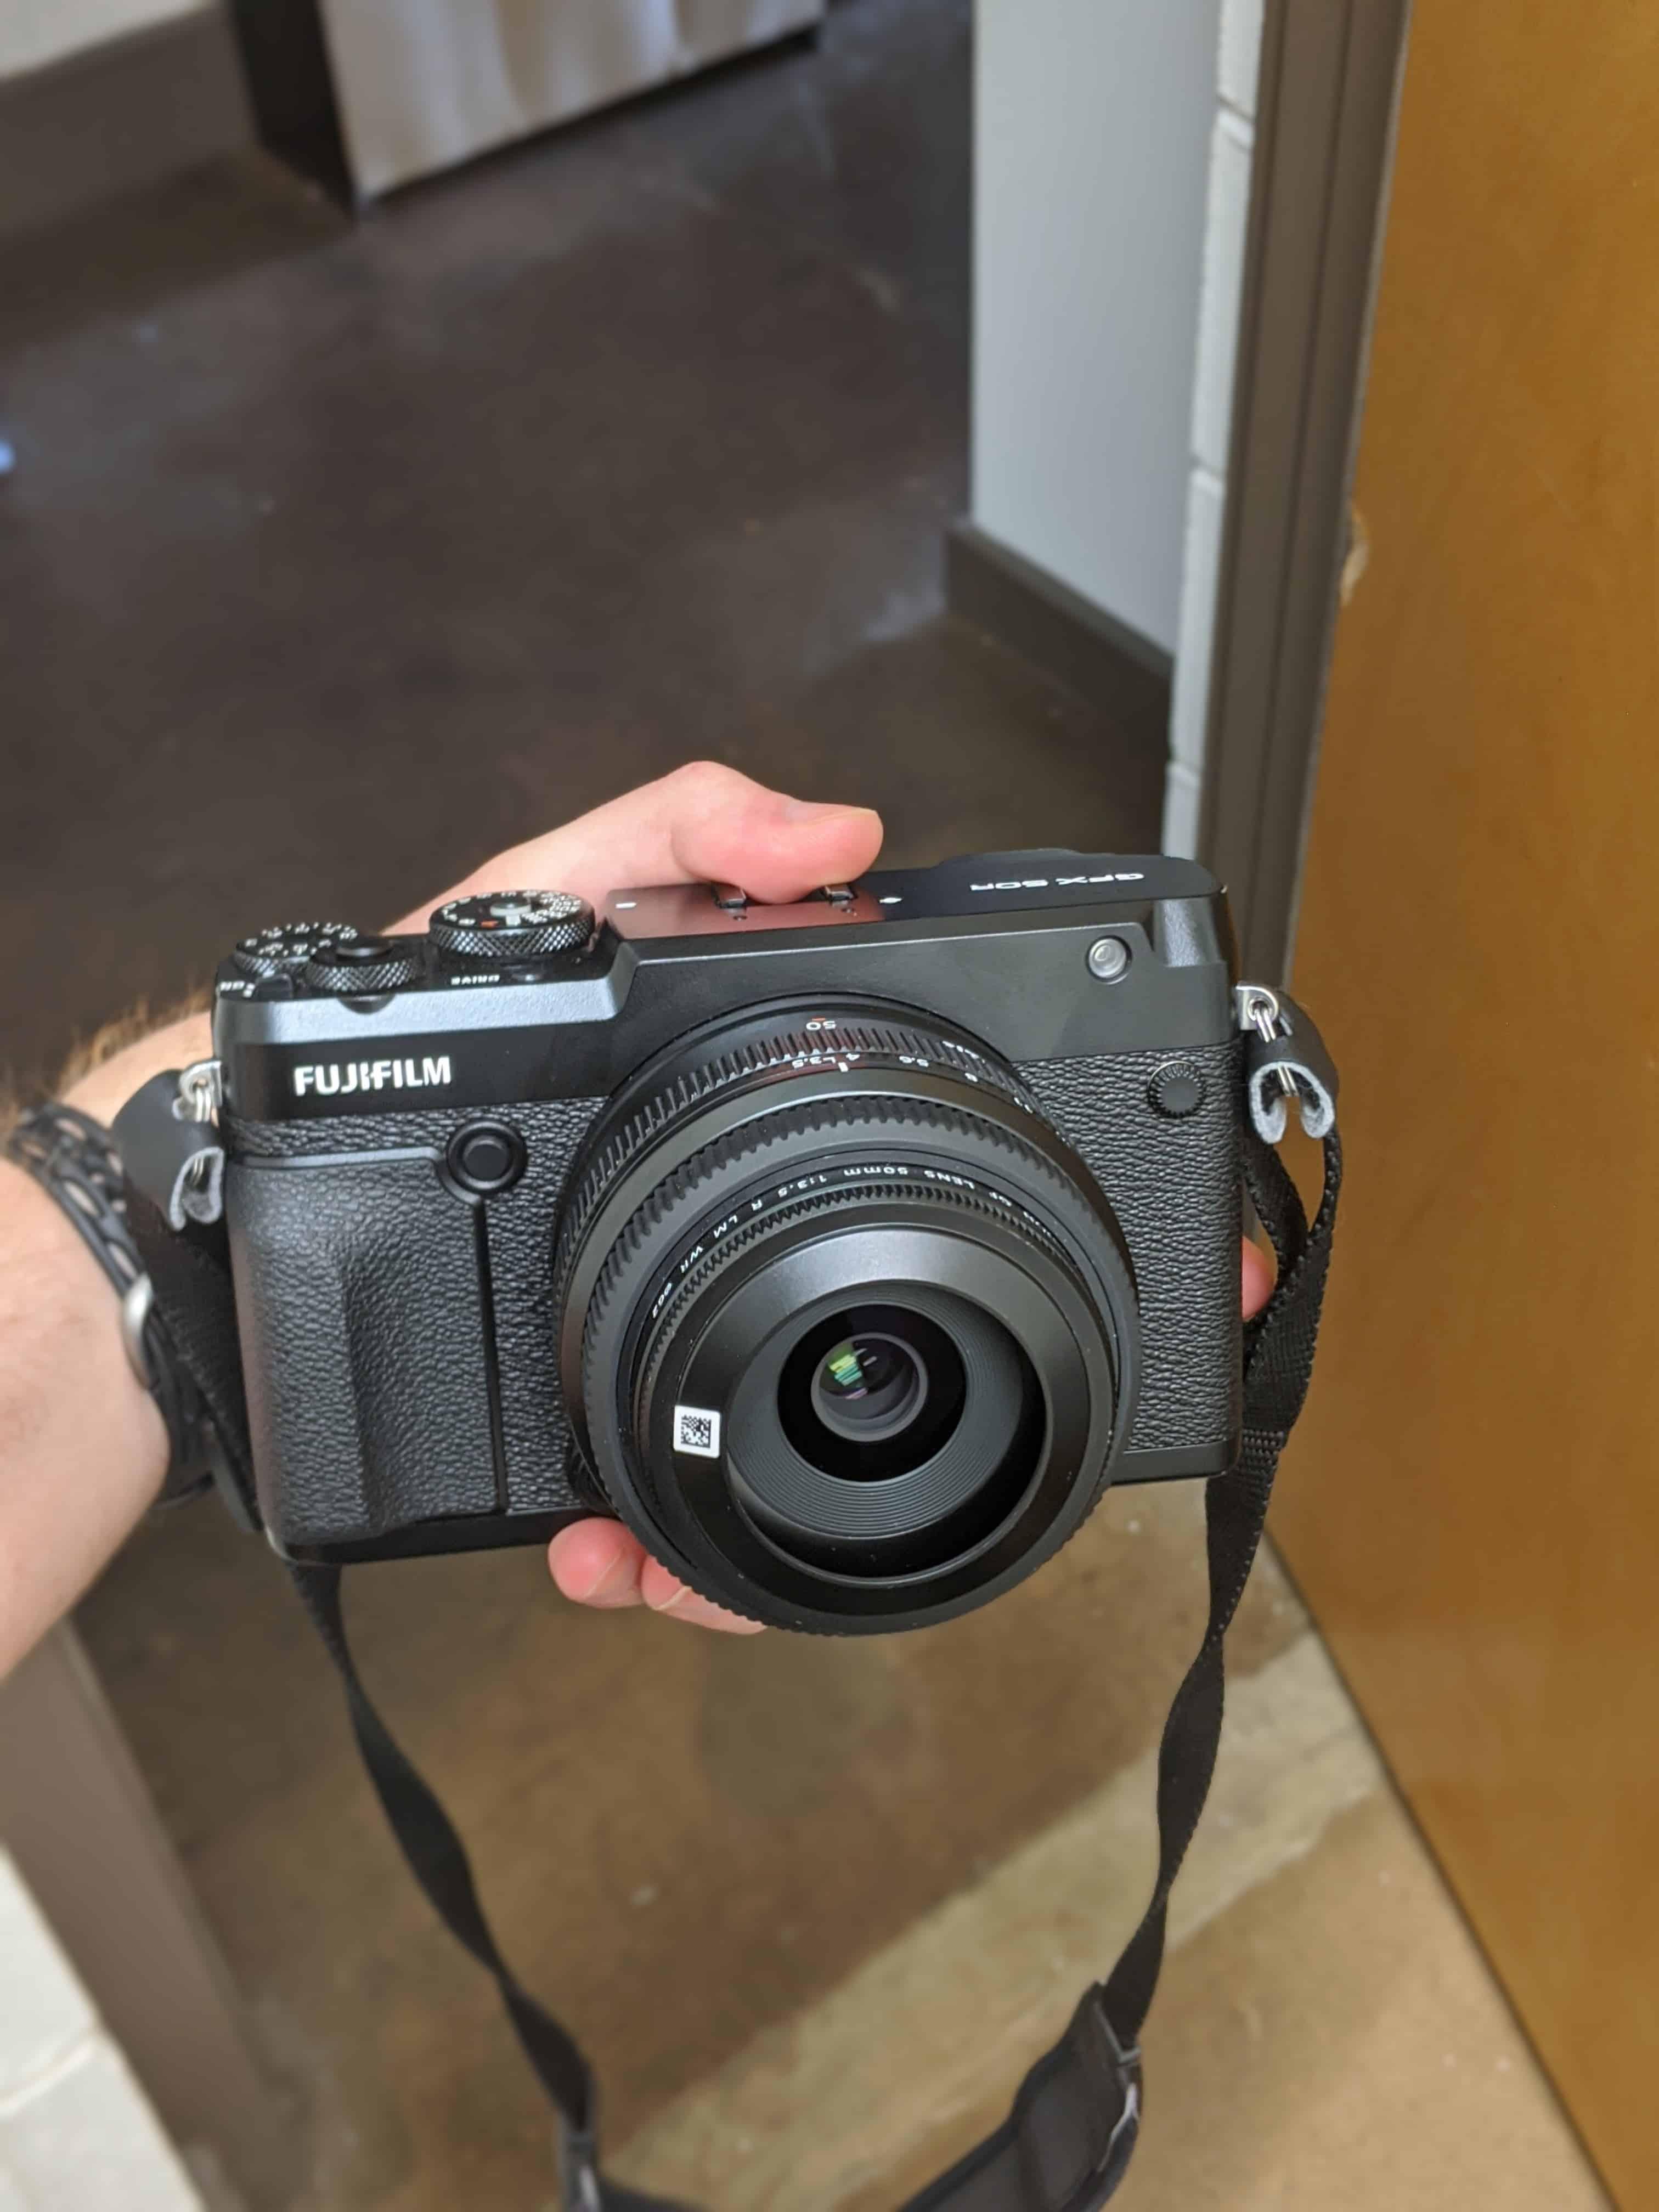 Fujifilm GFX50R in all it's glory!